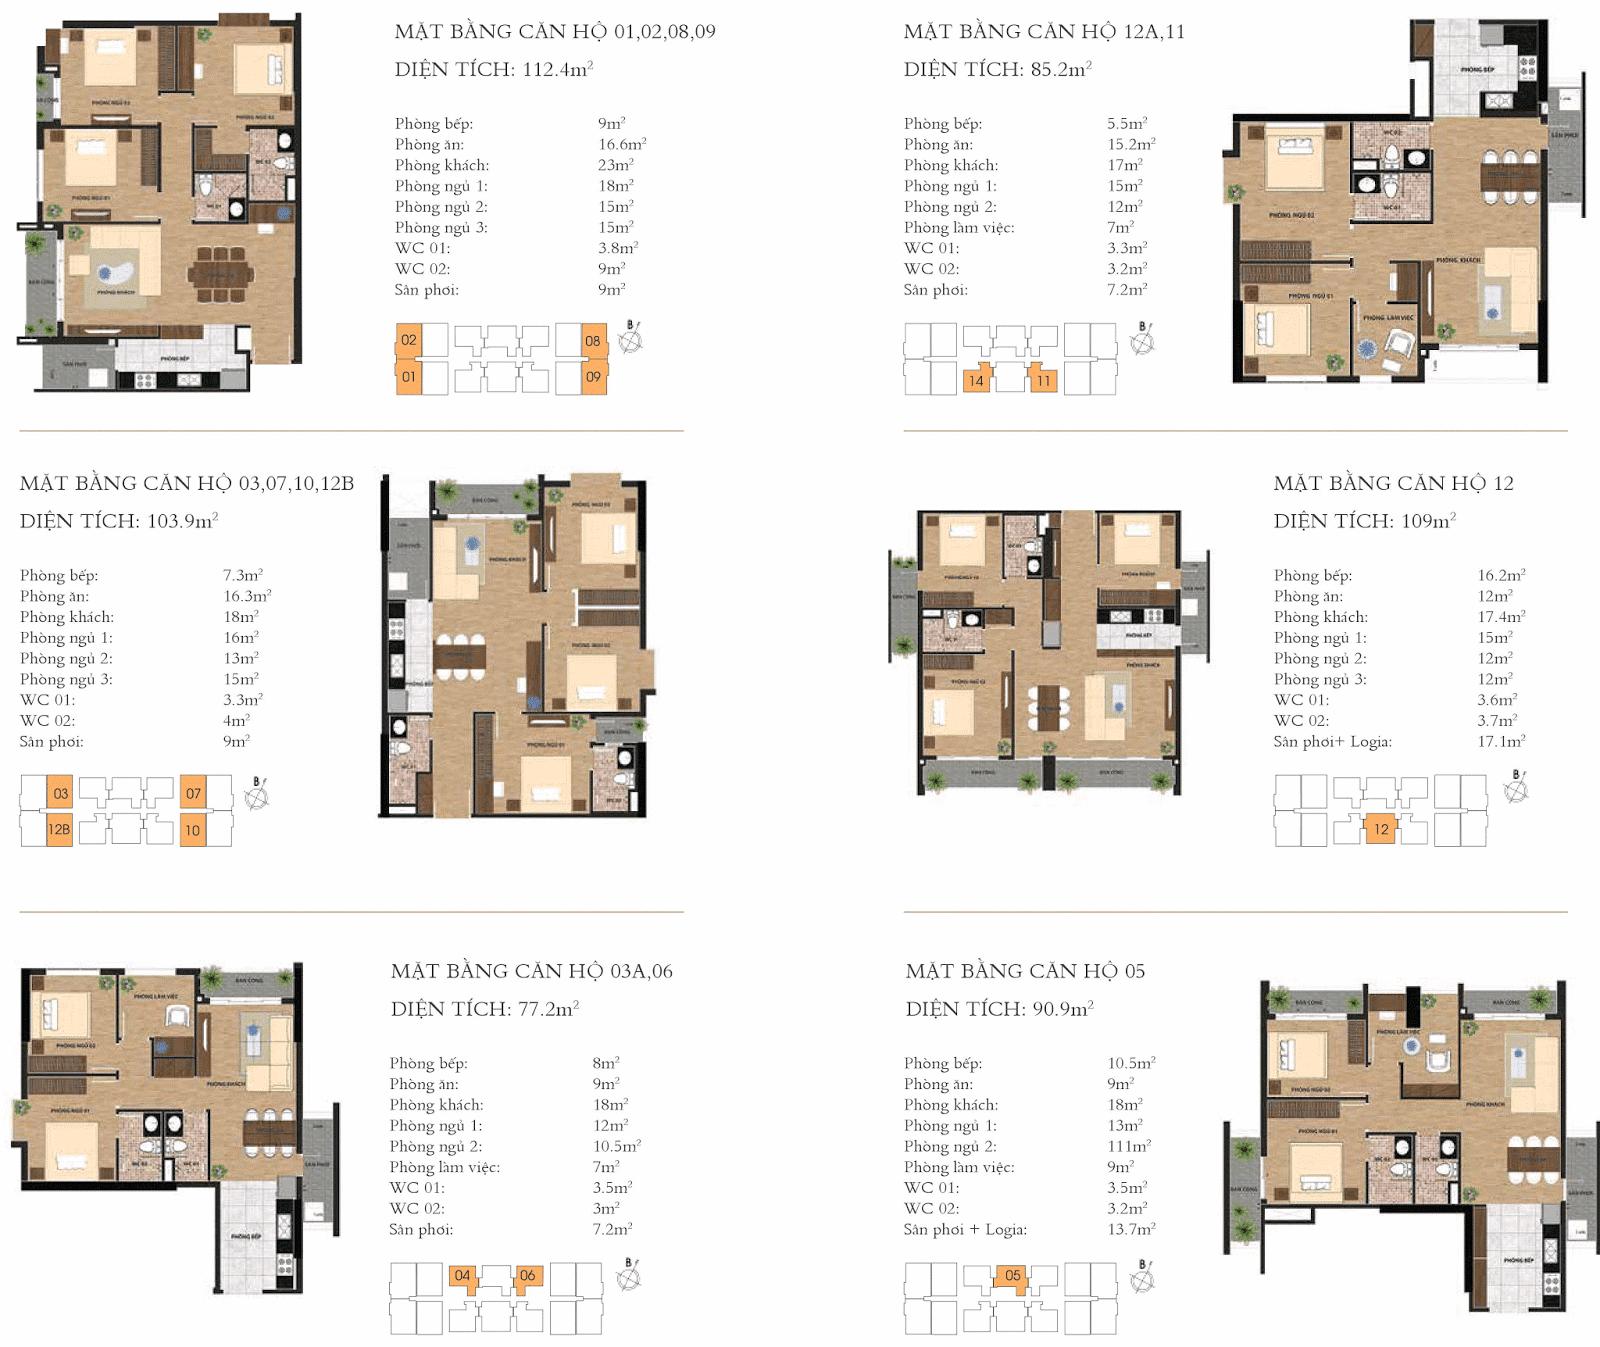 Thiết kế mặt bằng chi tiết căn hộ One 18 Long Biên